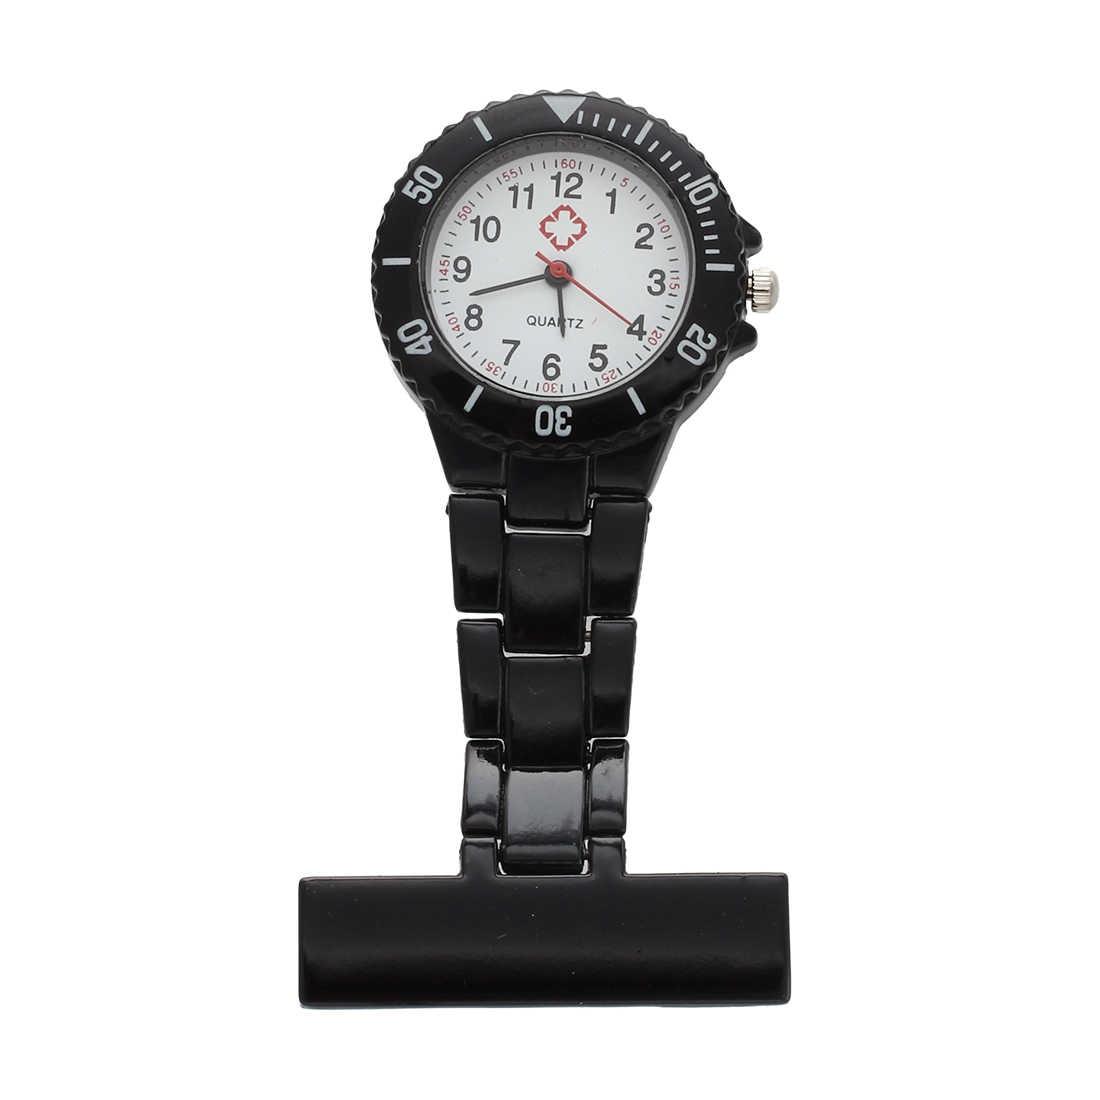 Черный кварцевый механизм медсестры брошь Fob туника карманные металлические часы